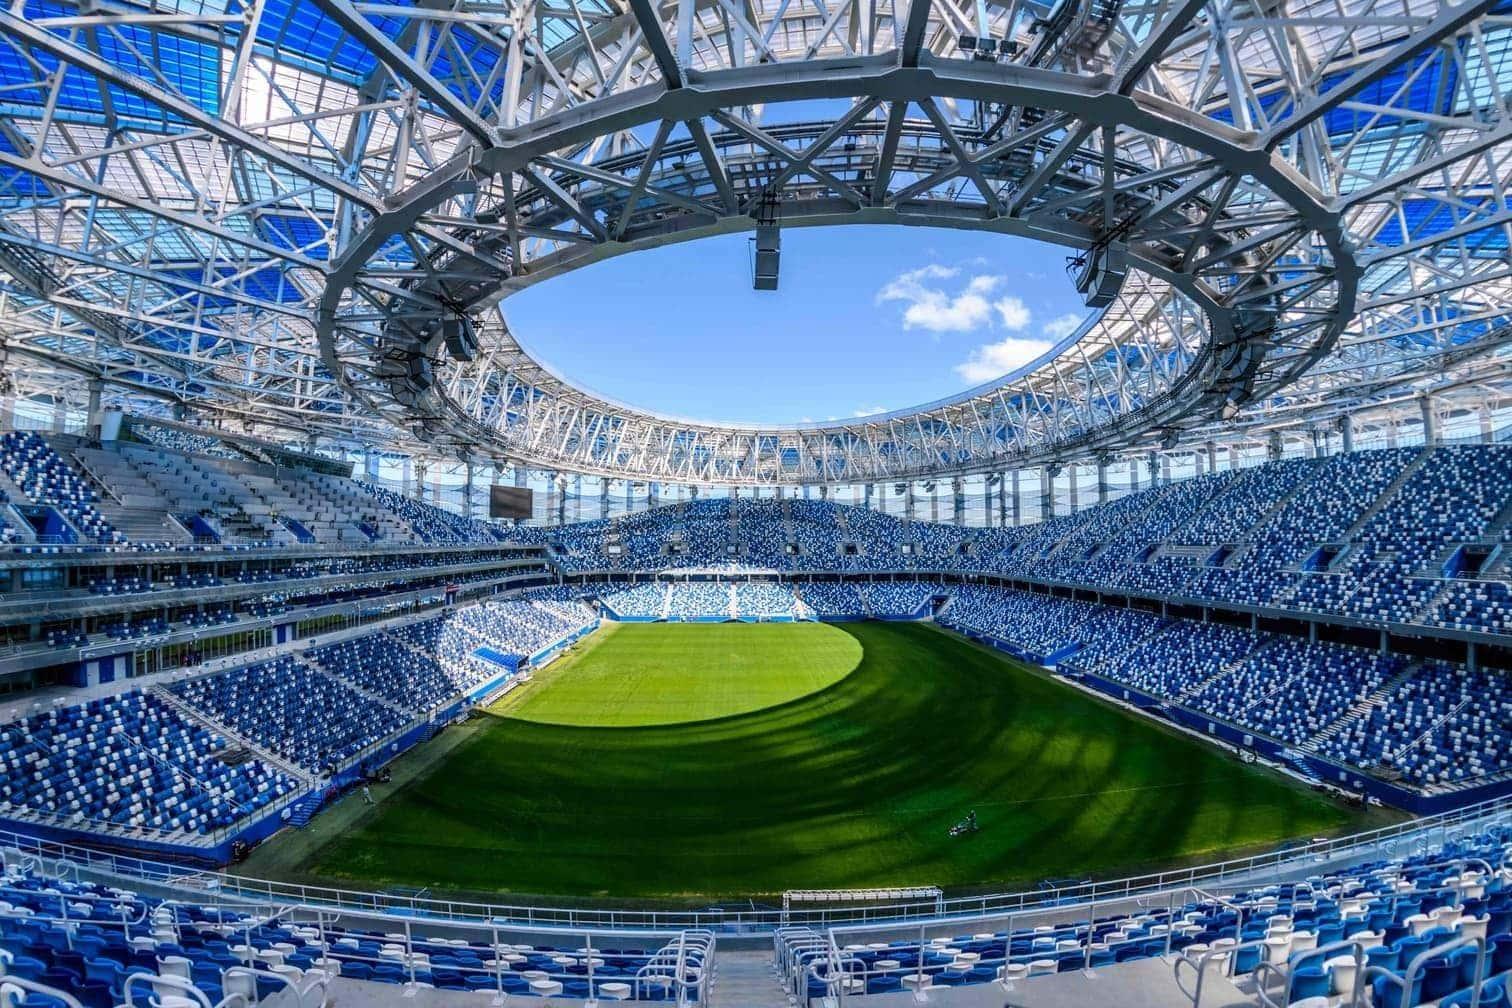 der Rest der Arena am Moskwa-Ufer wurde entkernt und hochmodern wieder aufgebaut. Das Stadion war Schauplatz der Olympischen Spiele von 1980. Im Luschniki eröffnet die russische Sbornaja am 14. Juni die WM gegen Saudi-Arabien